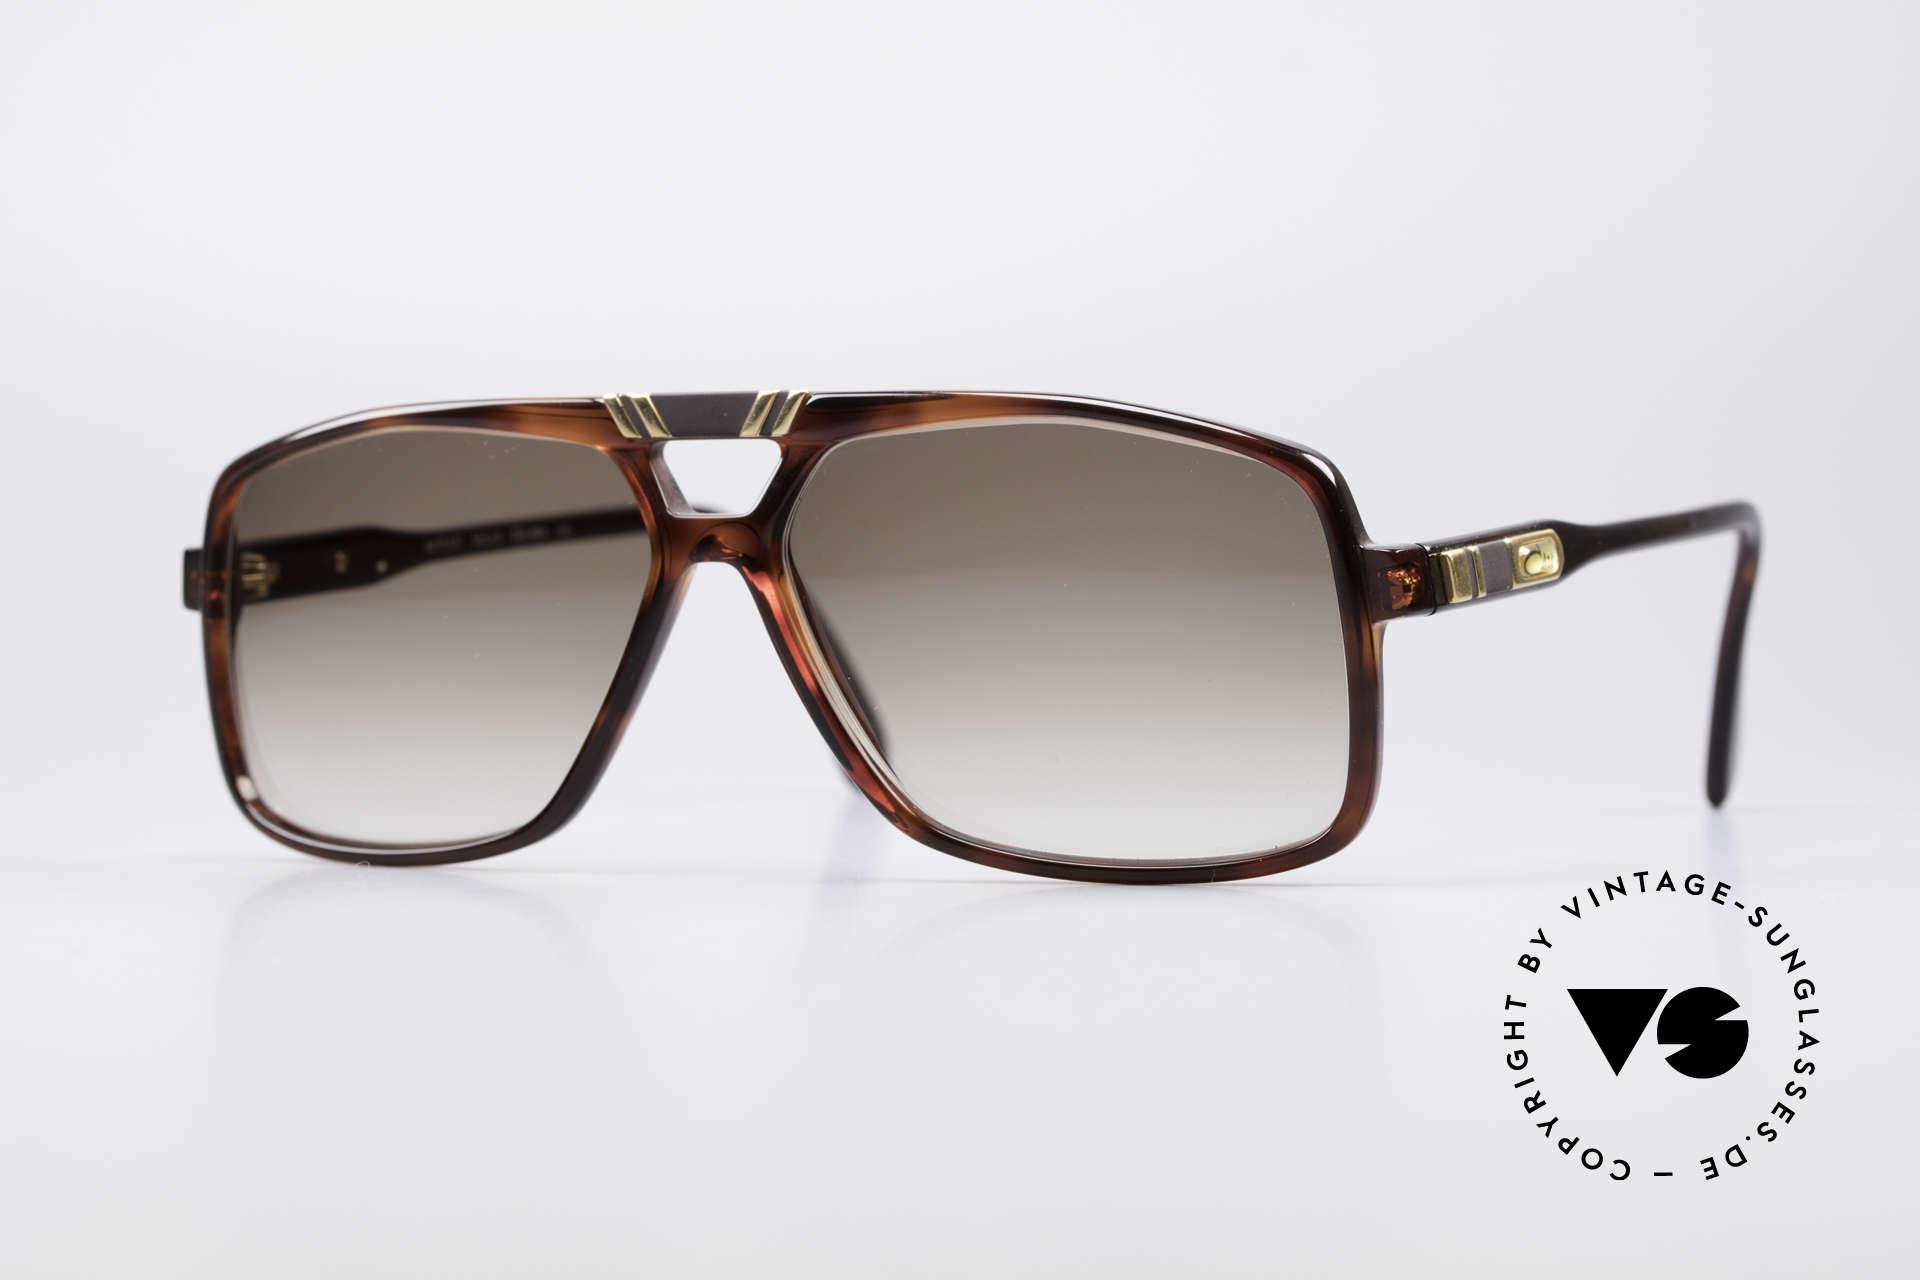 Cazal 637 1980er HipHop Sonnenbrille, ausdrucksstarke Cazal vintage Designerbrille, Passend für Herren